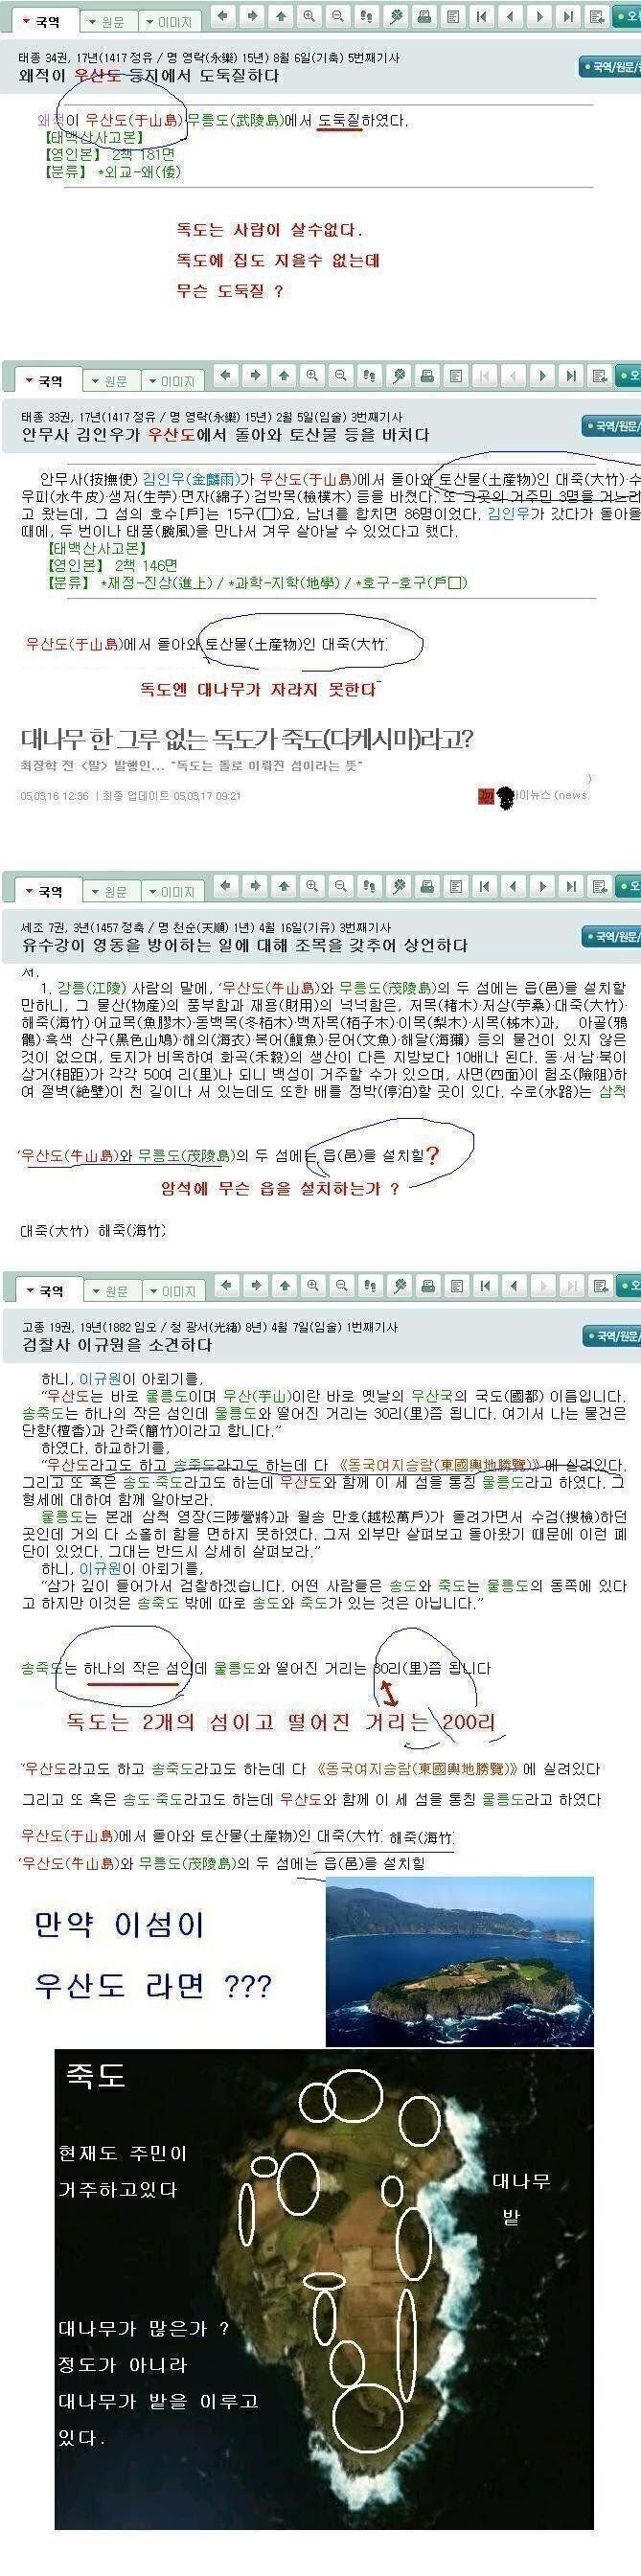 viewimage.php?id=28a8c229f5d3&no=24b0d769e1d32ca73feb86fa11d02831b7cca0f2855e21730c724febbe0d6d563ddb7bc74c05cae9a48dbb65b88b0d530a463695104c4cda2db29f872f6ab32e034f56b1a4592252e086